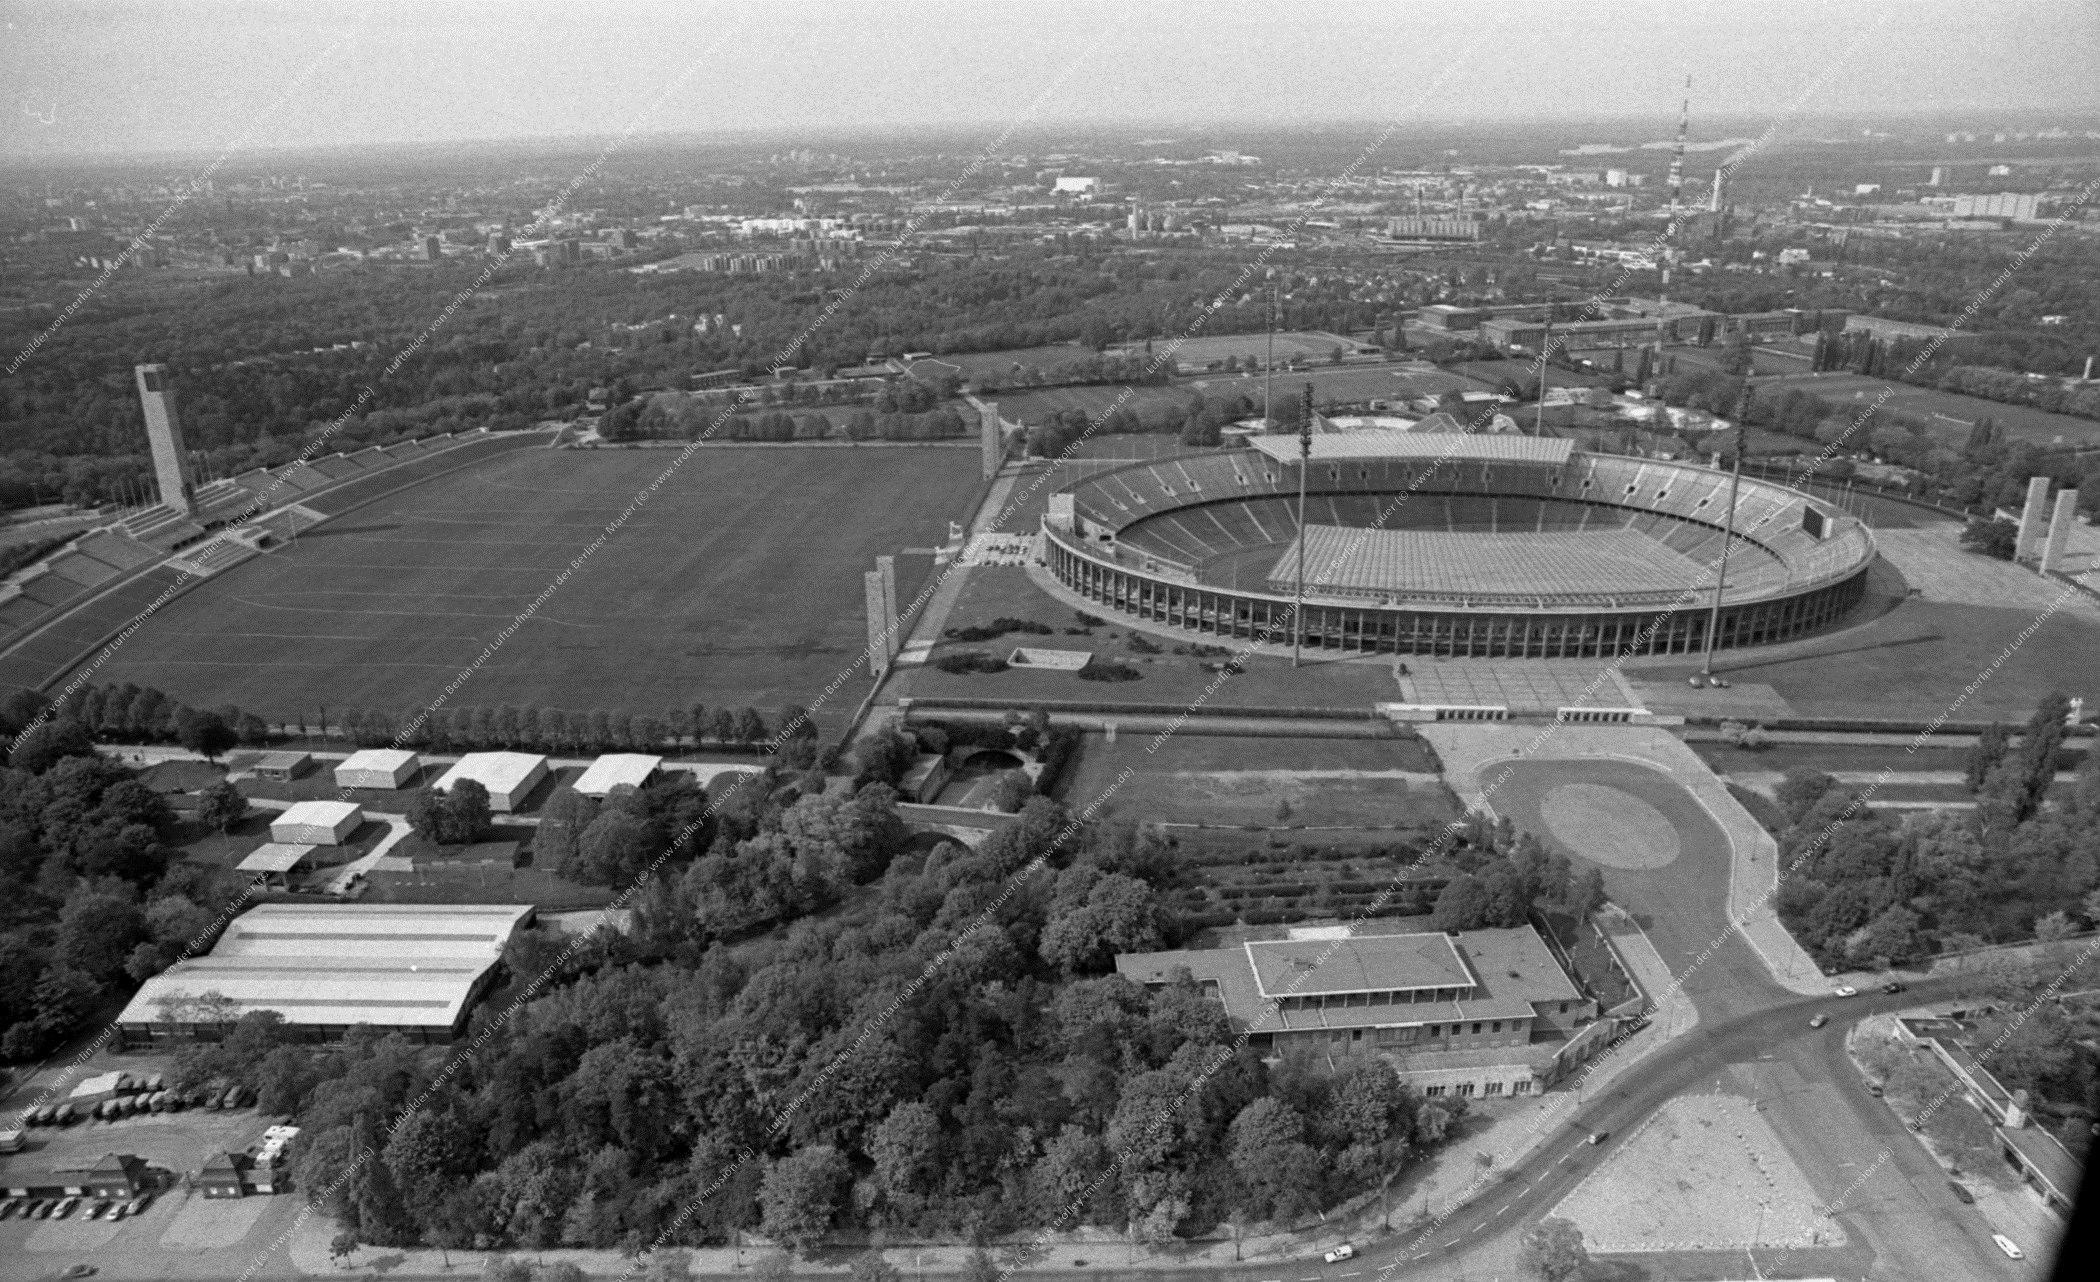 Luftbild vom Olympiapark Berlin (Reichssportfeld) und Stadion vom 12. Mai 1982 (Bild 076)